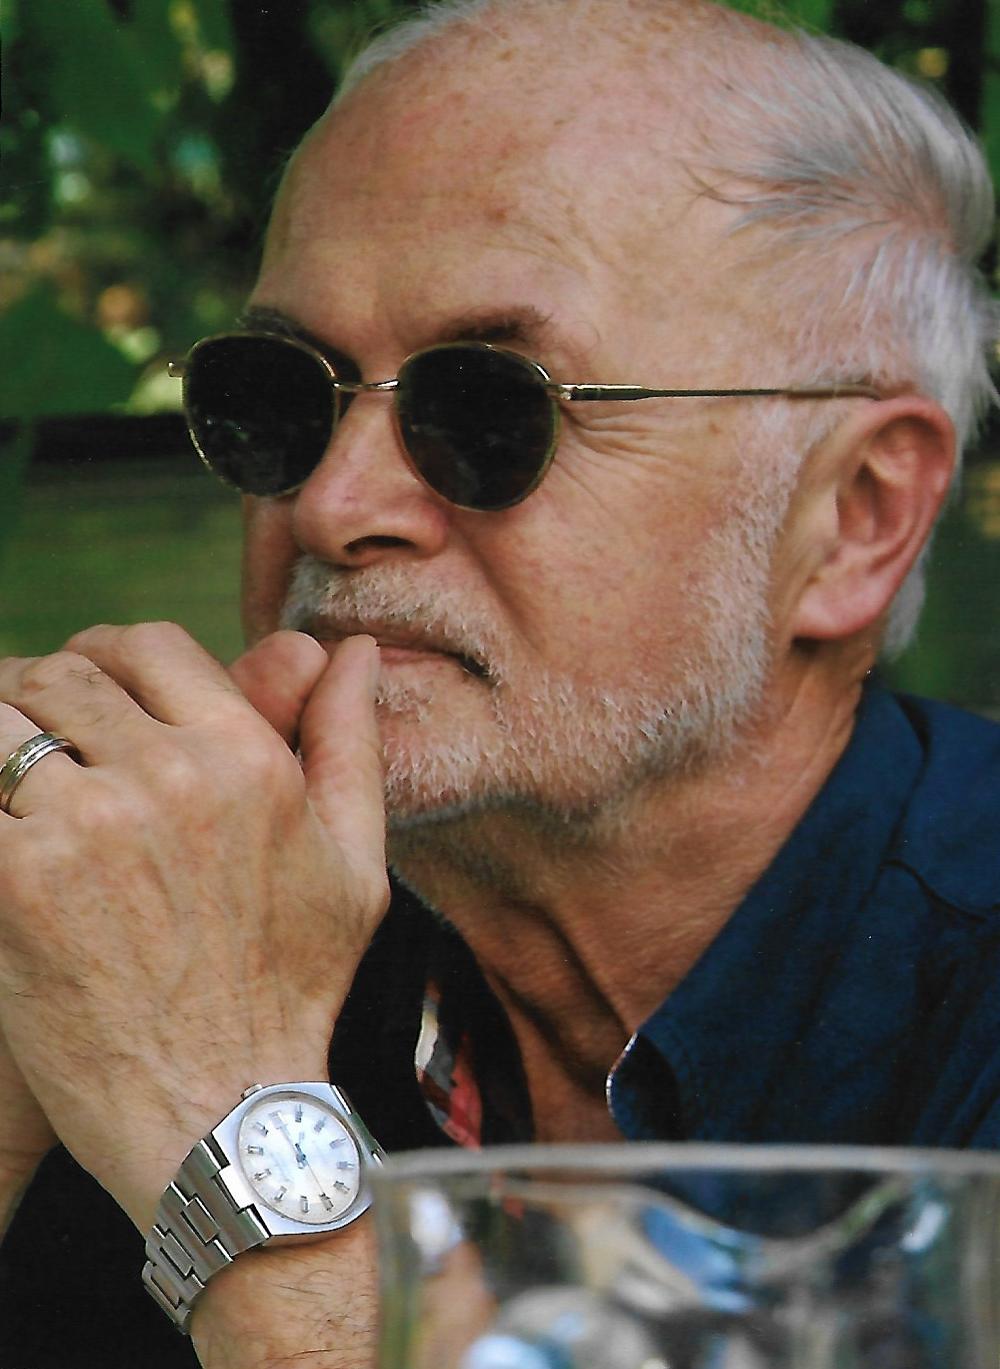 Der Kopf eines ältereren Mannes mit Sonnenbrille ist zu sehen. Er stützt sein Kinn nachdenklich auf seine ineinander verschränkten Hände und schaut seitlich aus dem Bild.